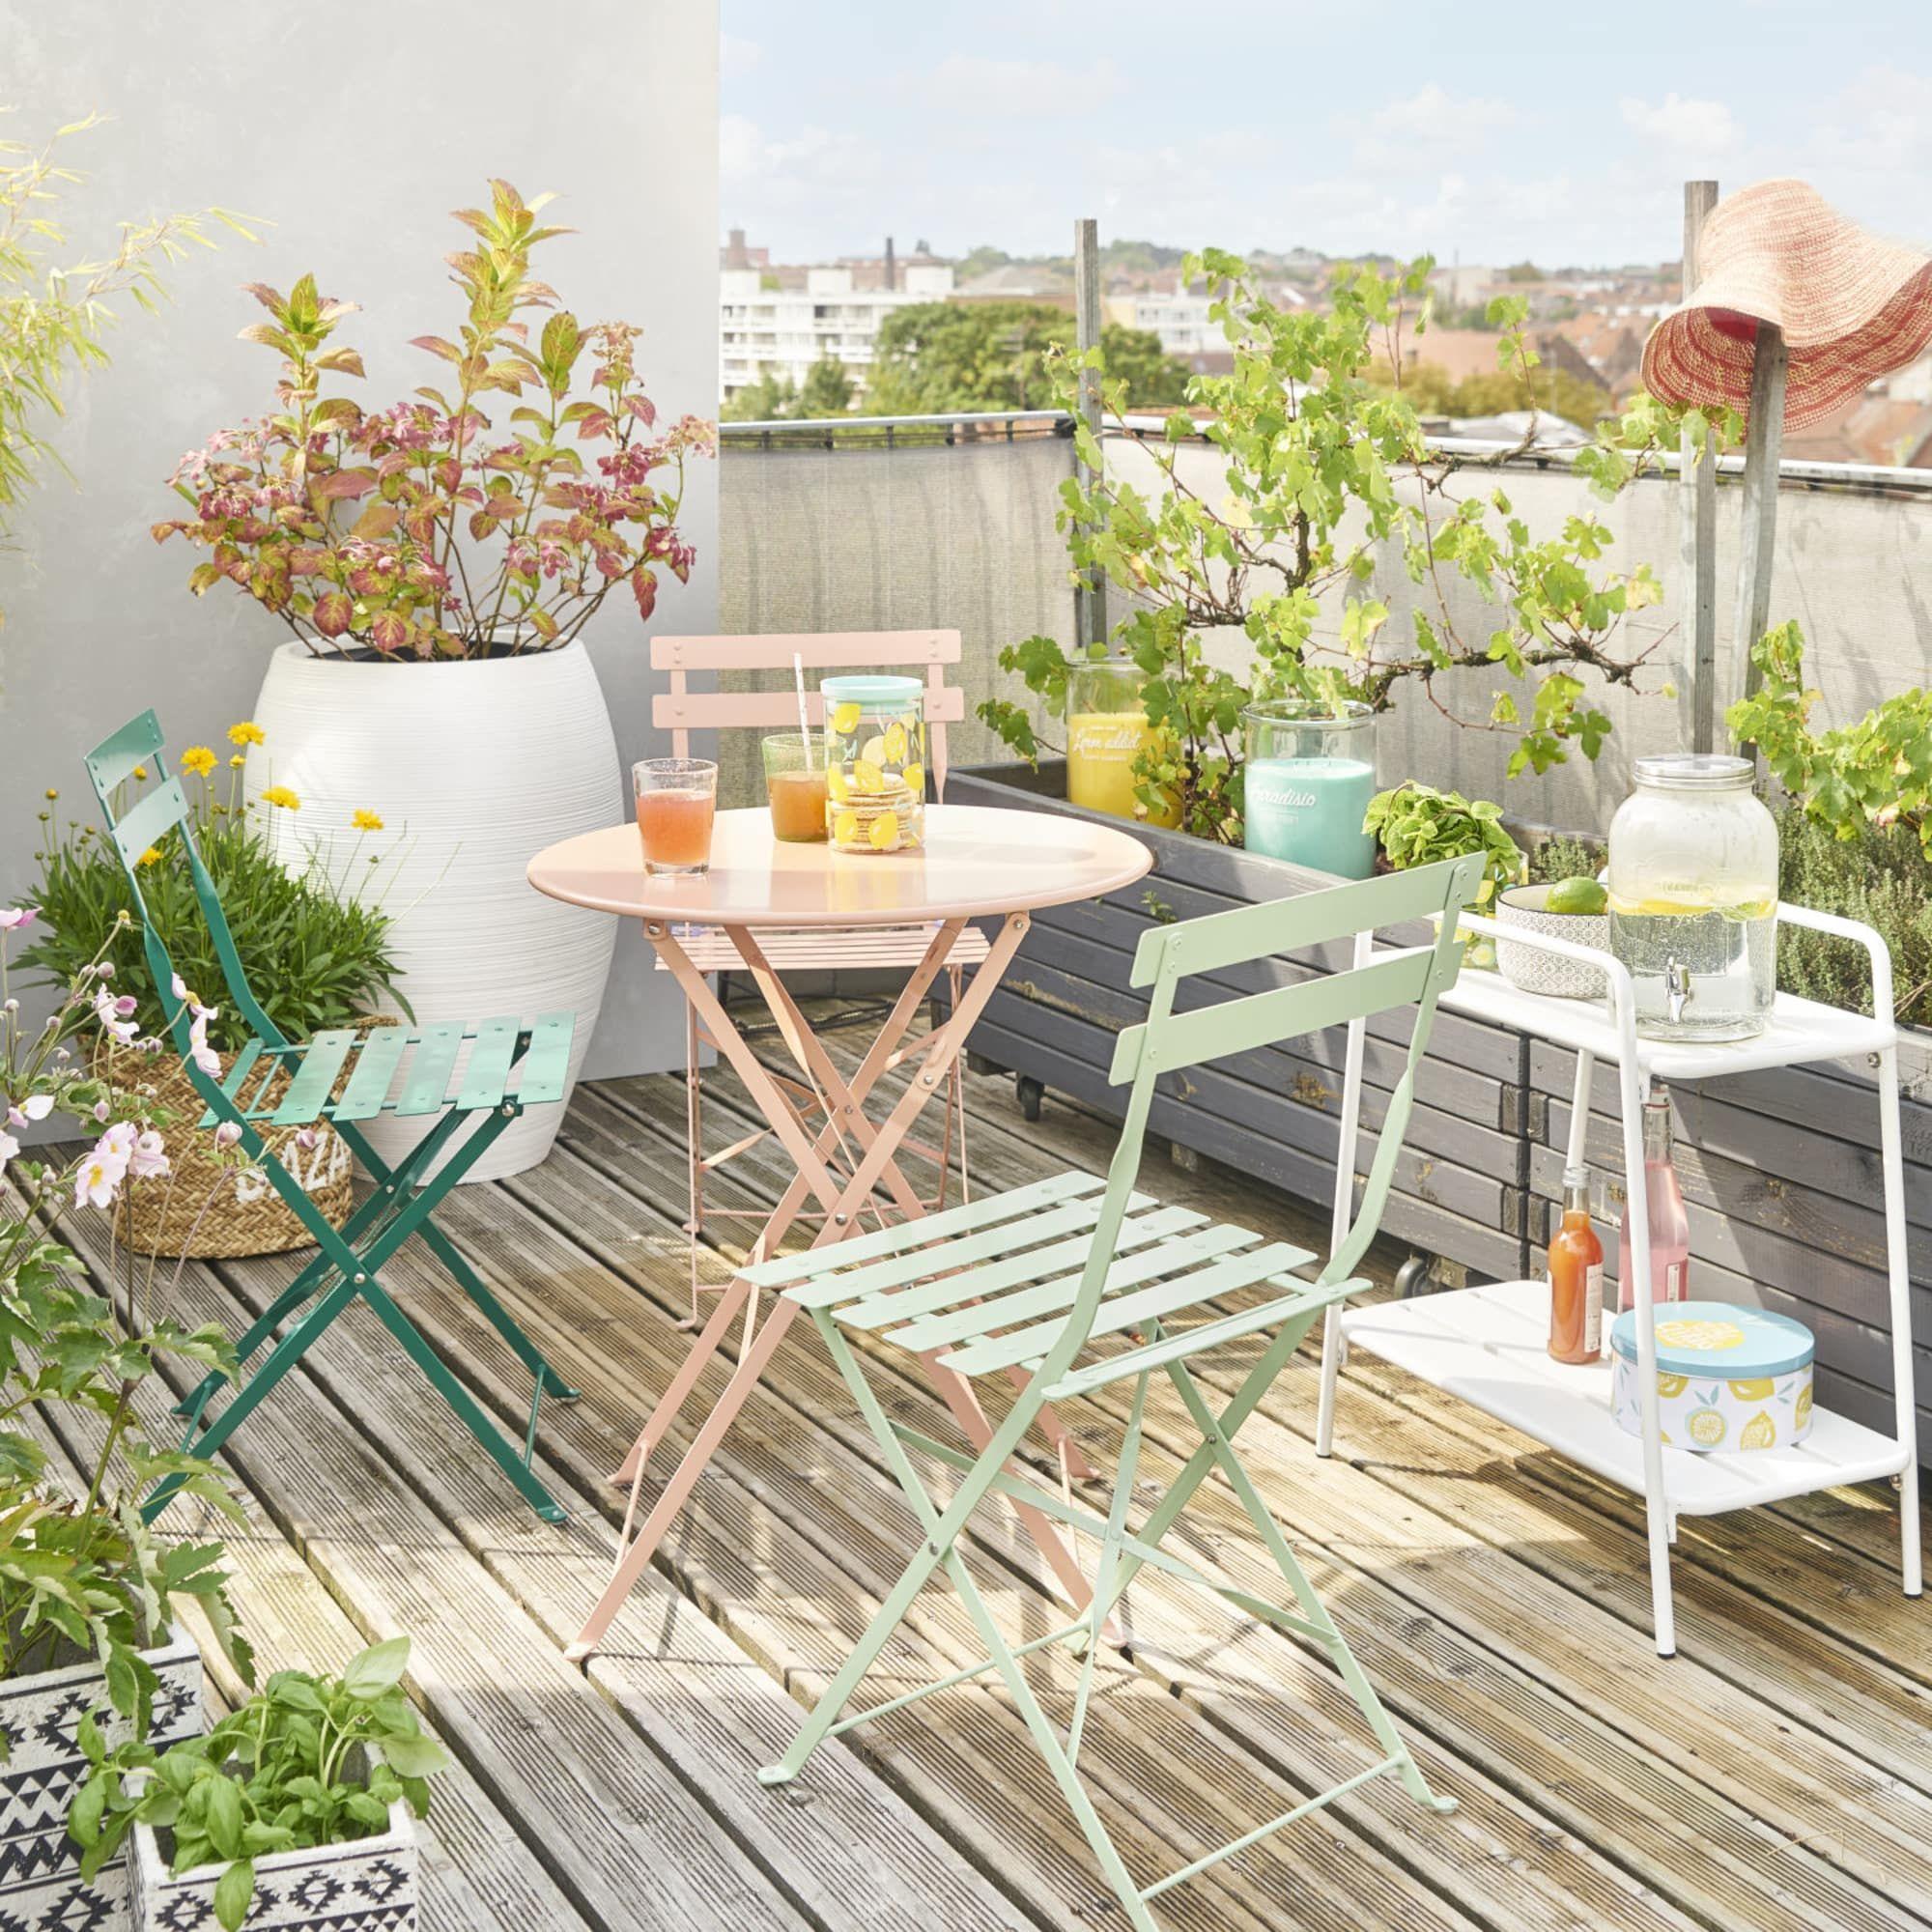 2 chaises pliantes de jardin en métal vert in 2019 | Folding ...